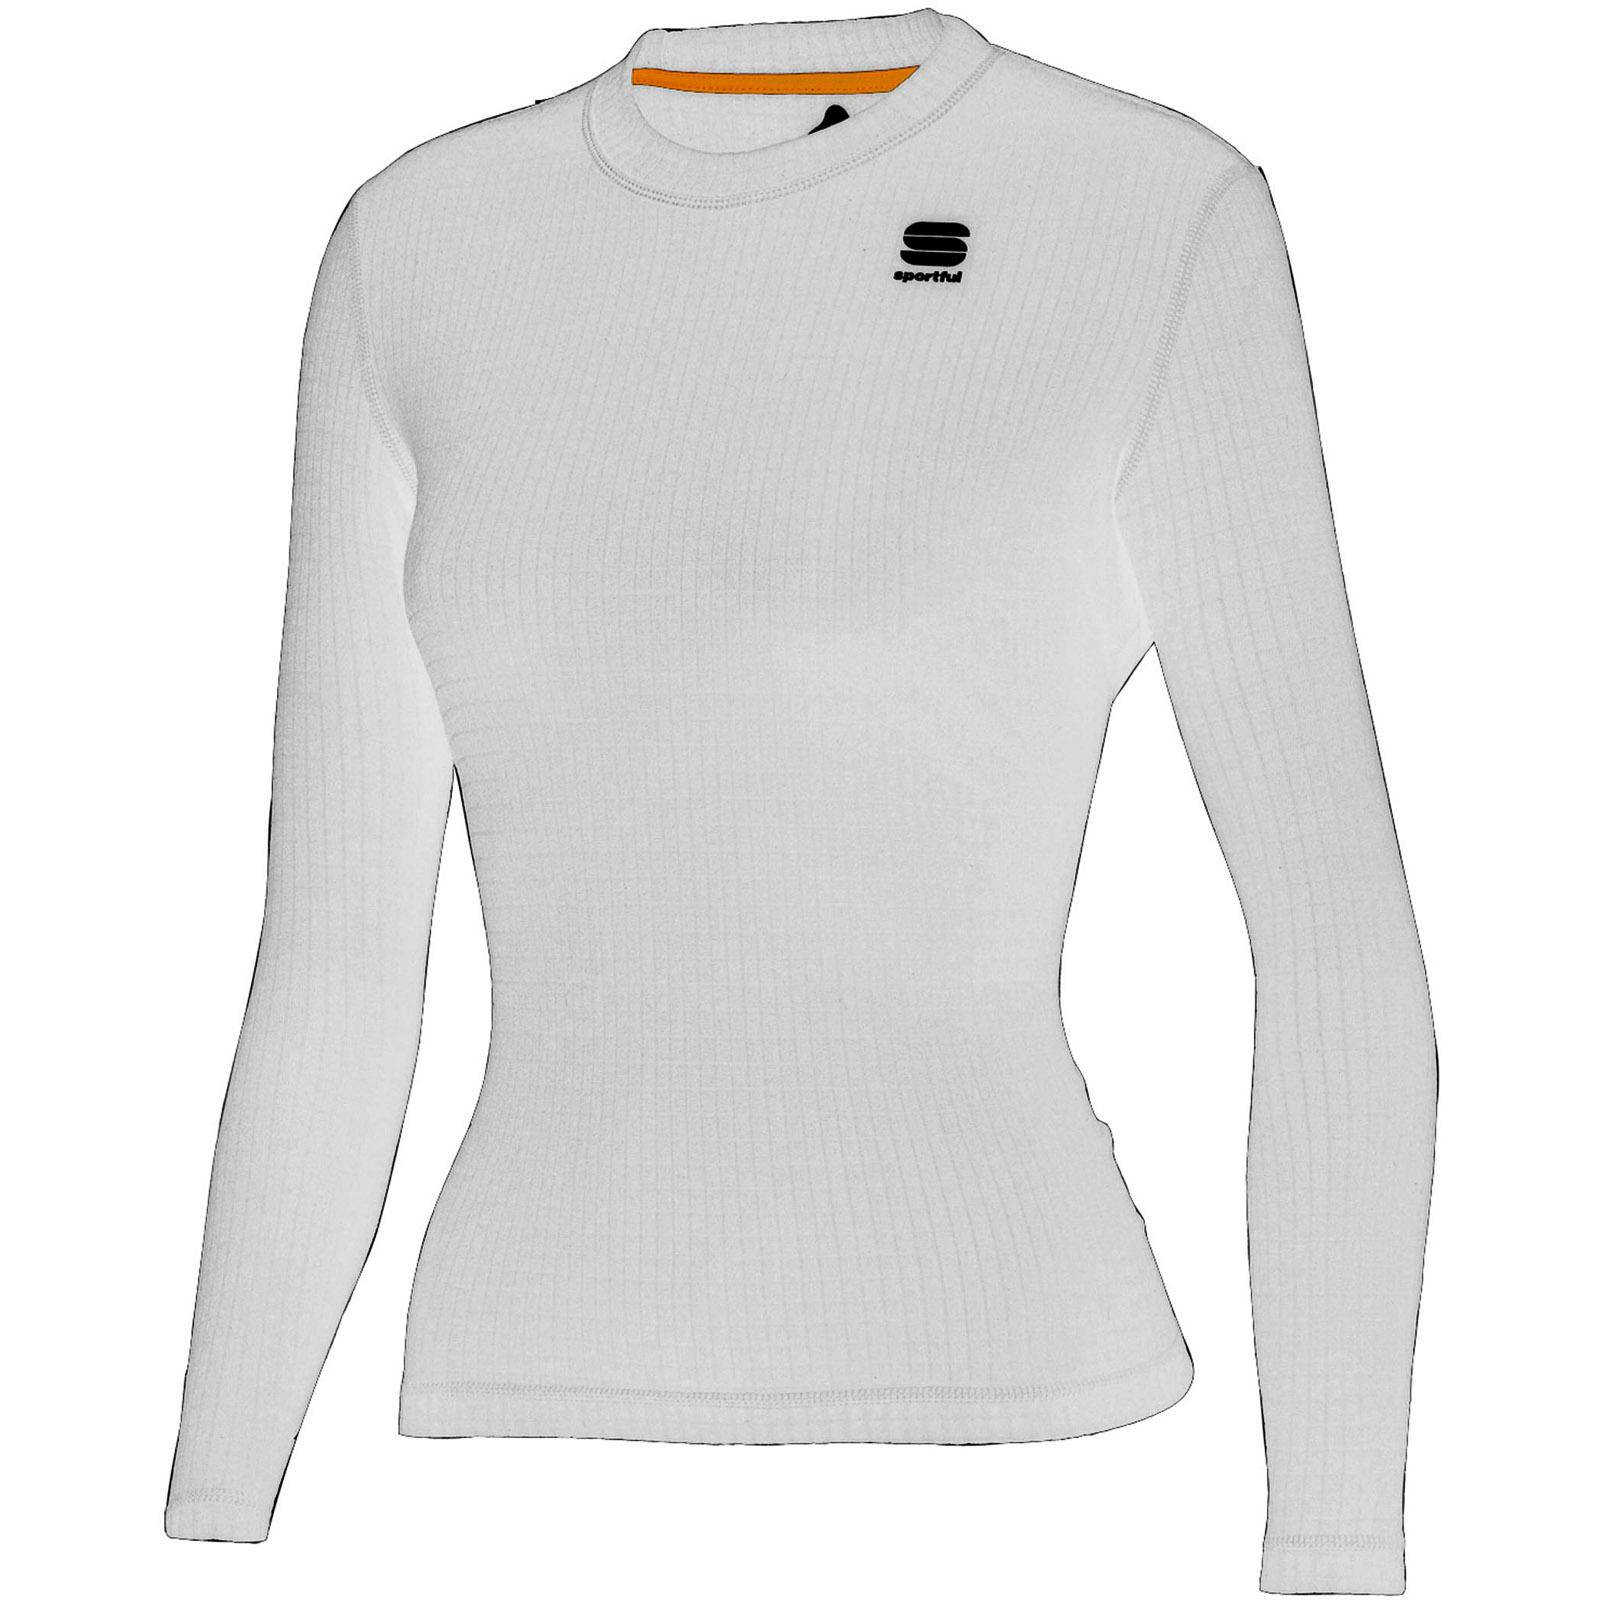 Dámske biele termo tričko dlhý rukáv Thermodynamic 22f3f9d1ae3